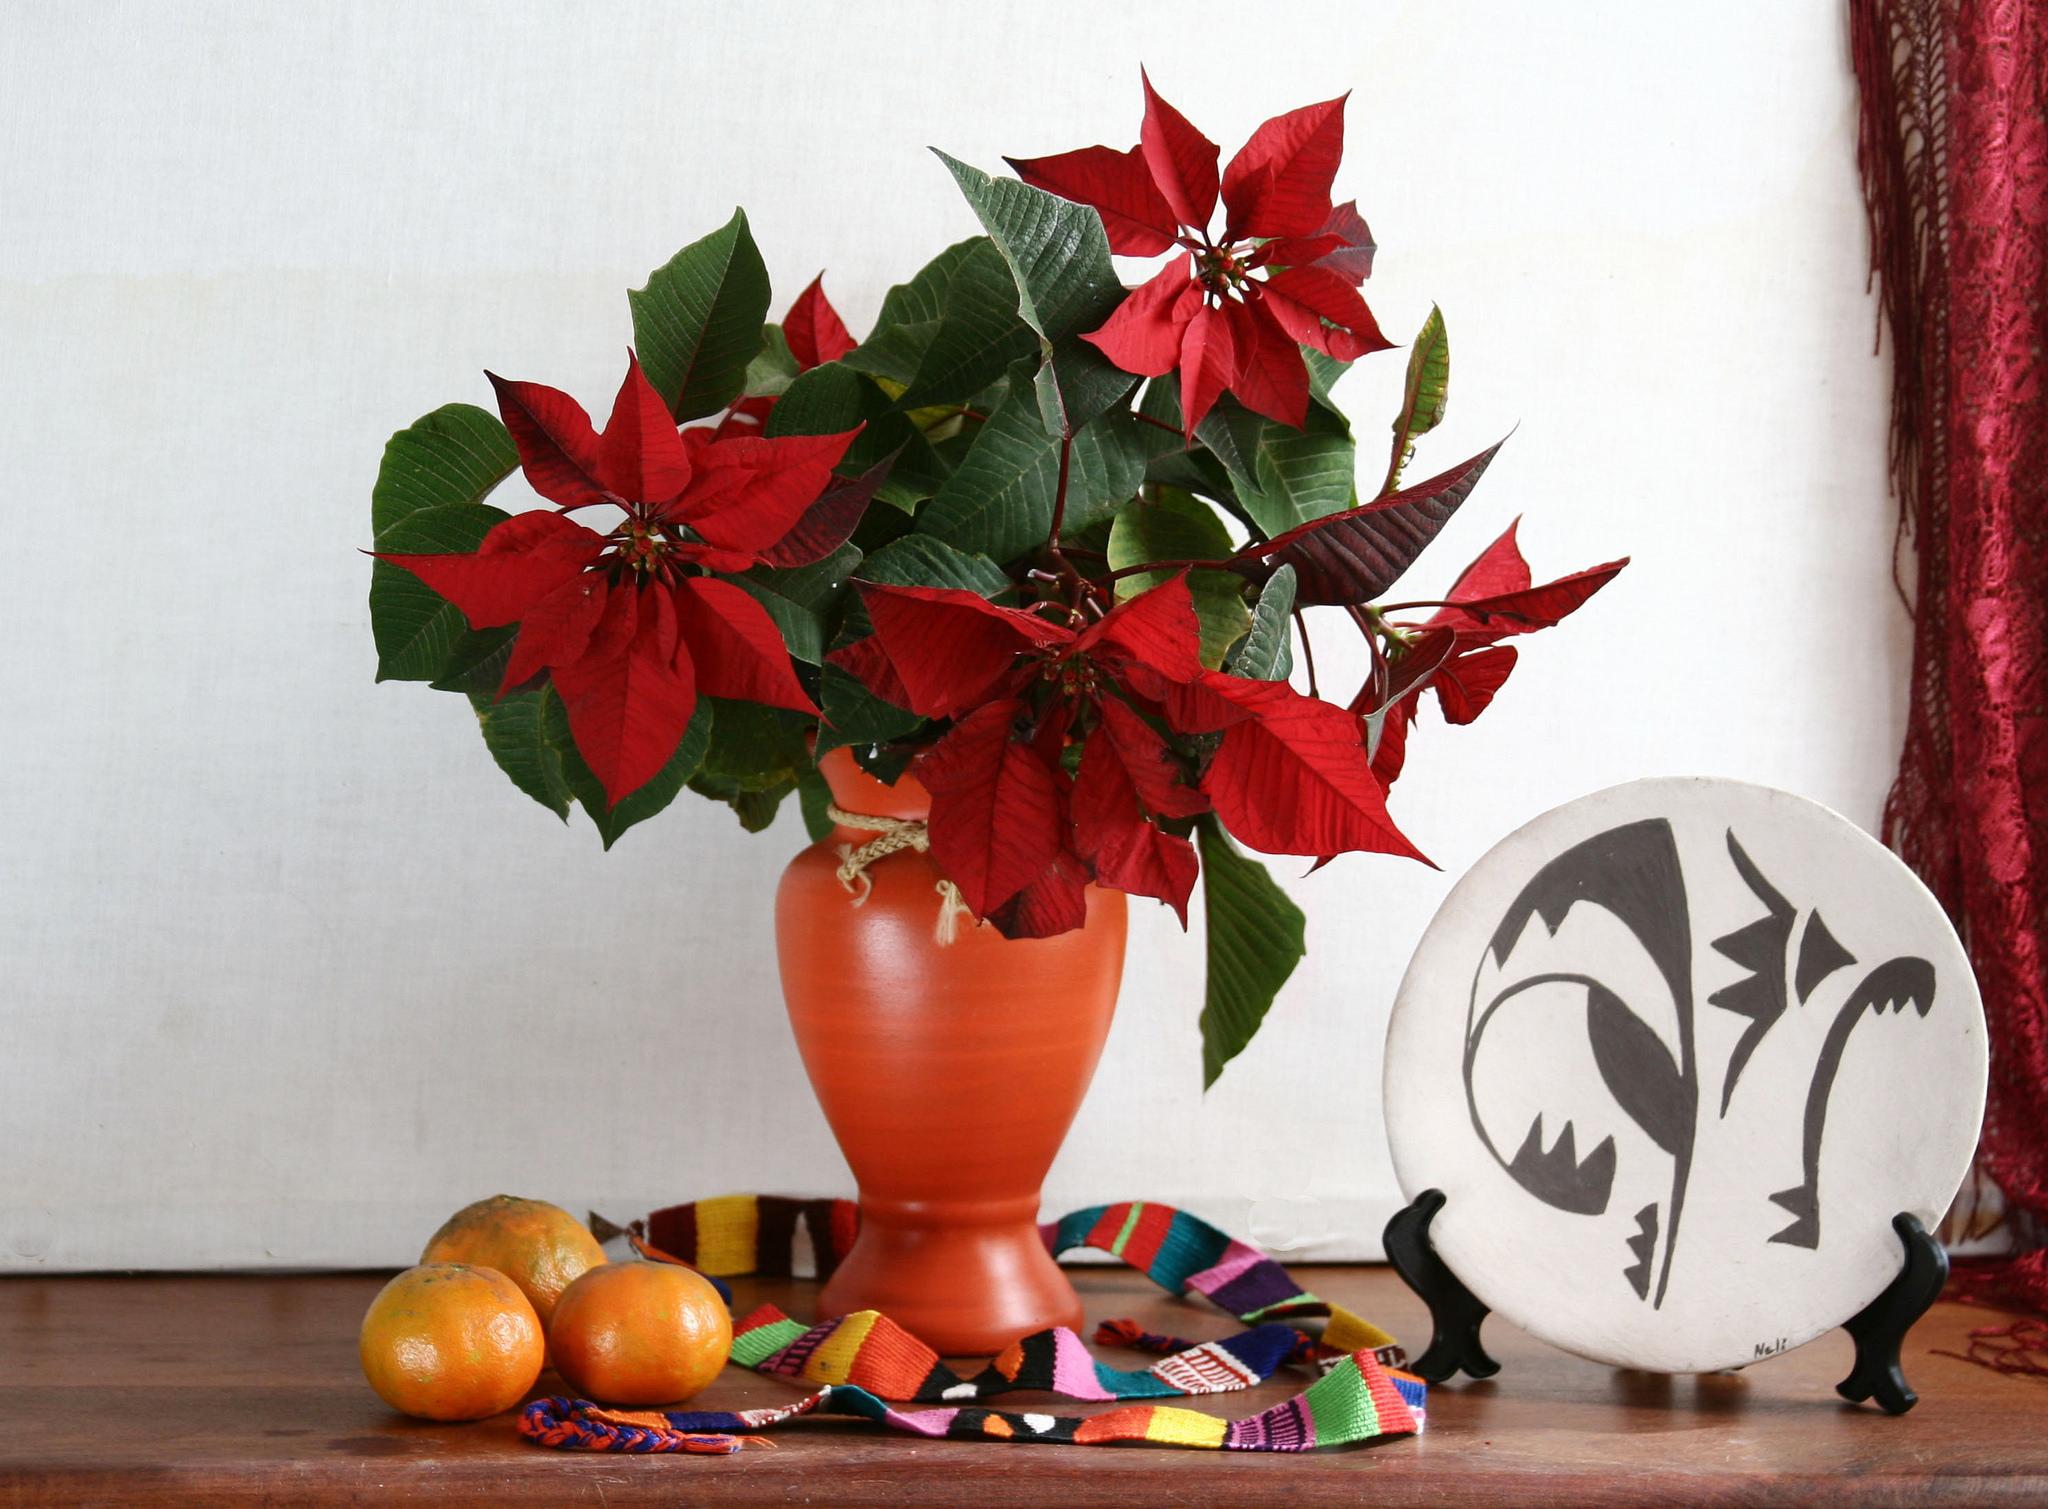 Học cách trồng hoa trạng nguyên trang trí Tết